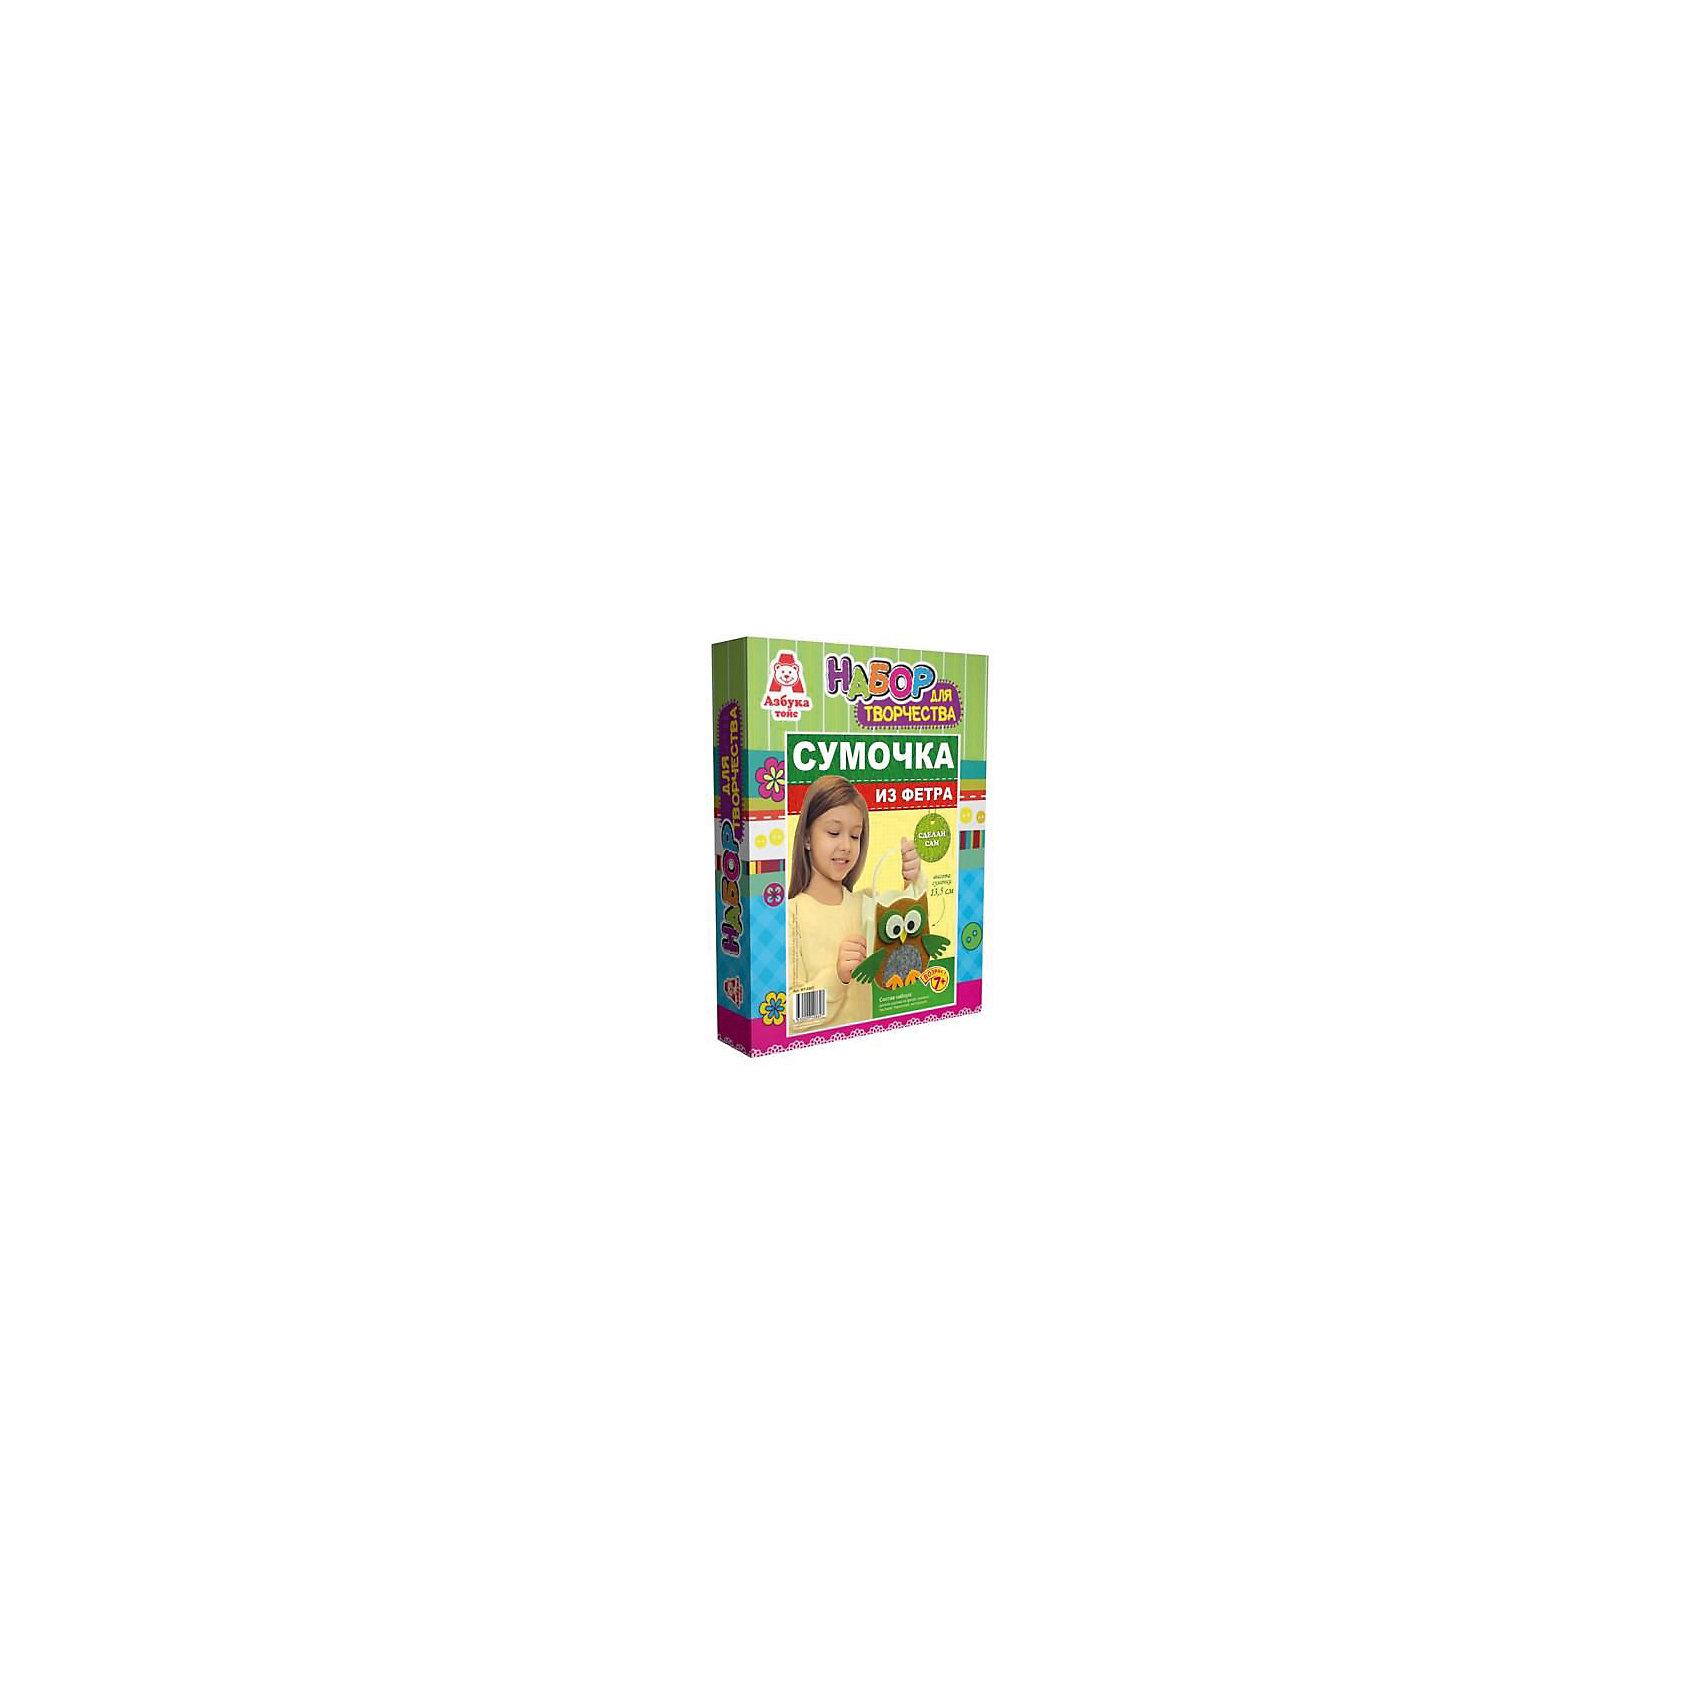 Сумочка из фетра Сова белаяРукоделие<br>Сумочка из фетра Сова белая, Азбука Тойс.<br><br>Характеристики:<br><br>• готовая сумочка прекрасно сохраняет форму<br>• легко изготовить<br>• яркие материалы<br>• высота сумочки: 13,5 см<br>• в комплекте: детали из фетра, термоклей, клеевой пистолет<br>• размер упаковки: 28х5х21 см<br>• вес: 178 грамм<br><br>Что может быть увлекательнее создания собственной сумочки? Набор для создания сумочки из фетра от торговой марки Азбука Тойс поможет девочке создать уникальный аксессуар своими руками. Для создания сумочки необходимо соединить все детали с помощью термоклея и клеевого пистолета. Готовая сумочка держит форму, благодаря чему, ее можно использовать для различных безделушек и аксессуаров. Яркий дизайн в виде совы придется по вкусу каждой моднице!<br><br>Сумочку из фетра Сова белая, Азбука Тойс вы можете купить в нашем интернет-магазине.<br><br>Ширина мм: 210<br>Глубина мм: 50<br>Высота мм: 280<br>Вес г: 178<br>Возраст от месяцев: 84<br>Возраст до месяцев: 144<br>Пол: Женский<br>Возраст: Детский<br>SKU: 5062980